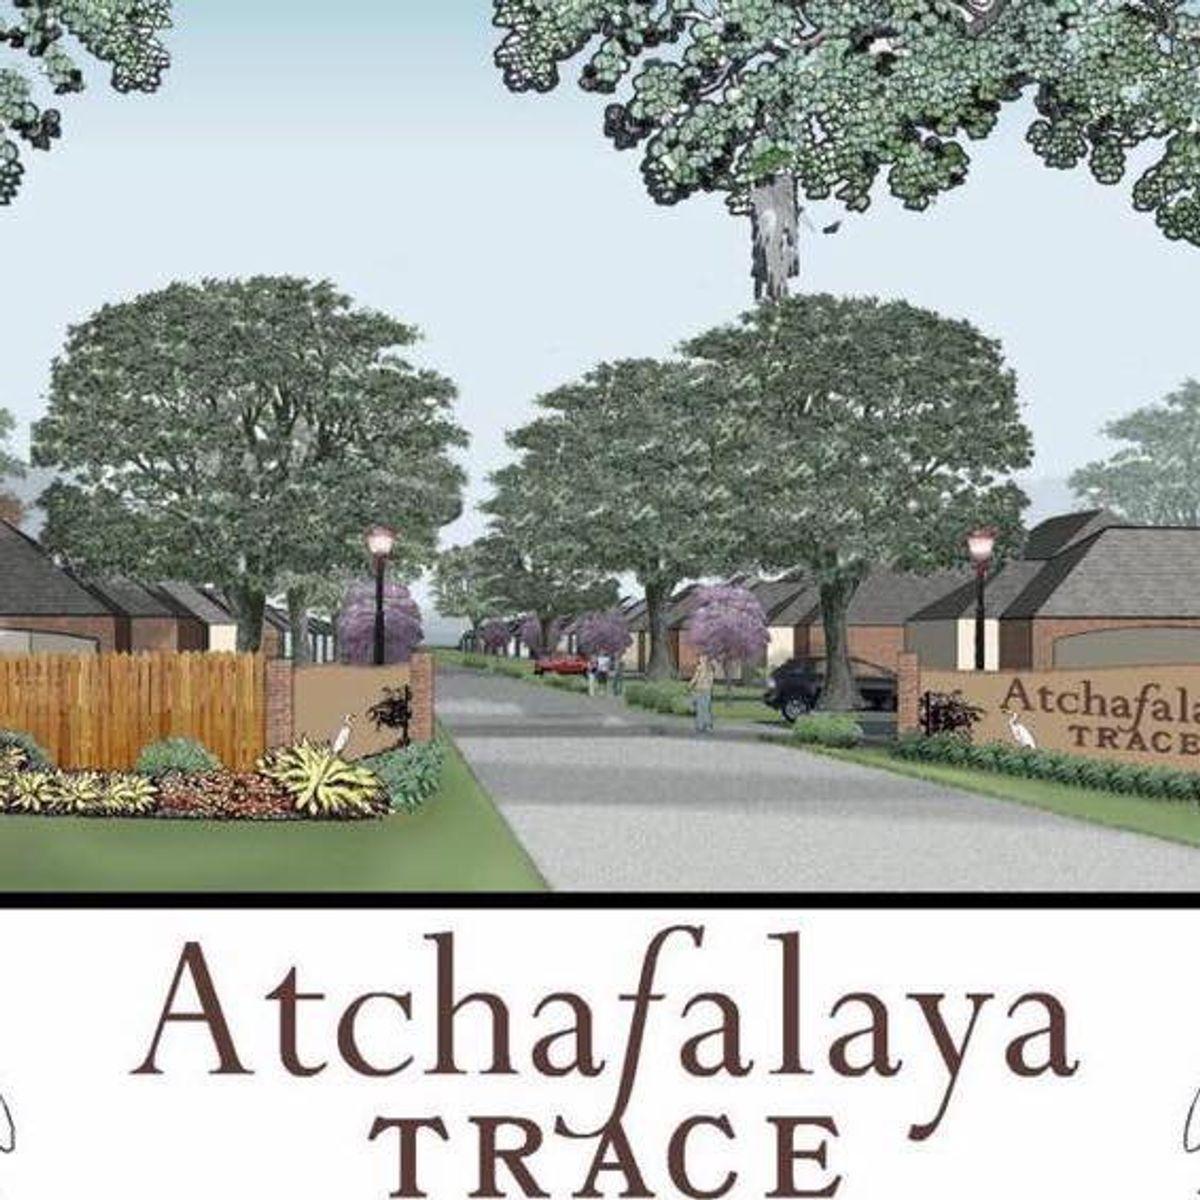 Atchafalaya Trace